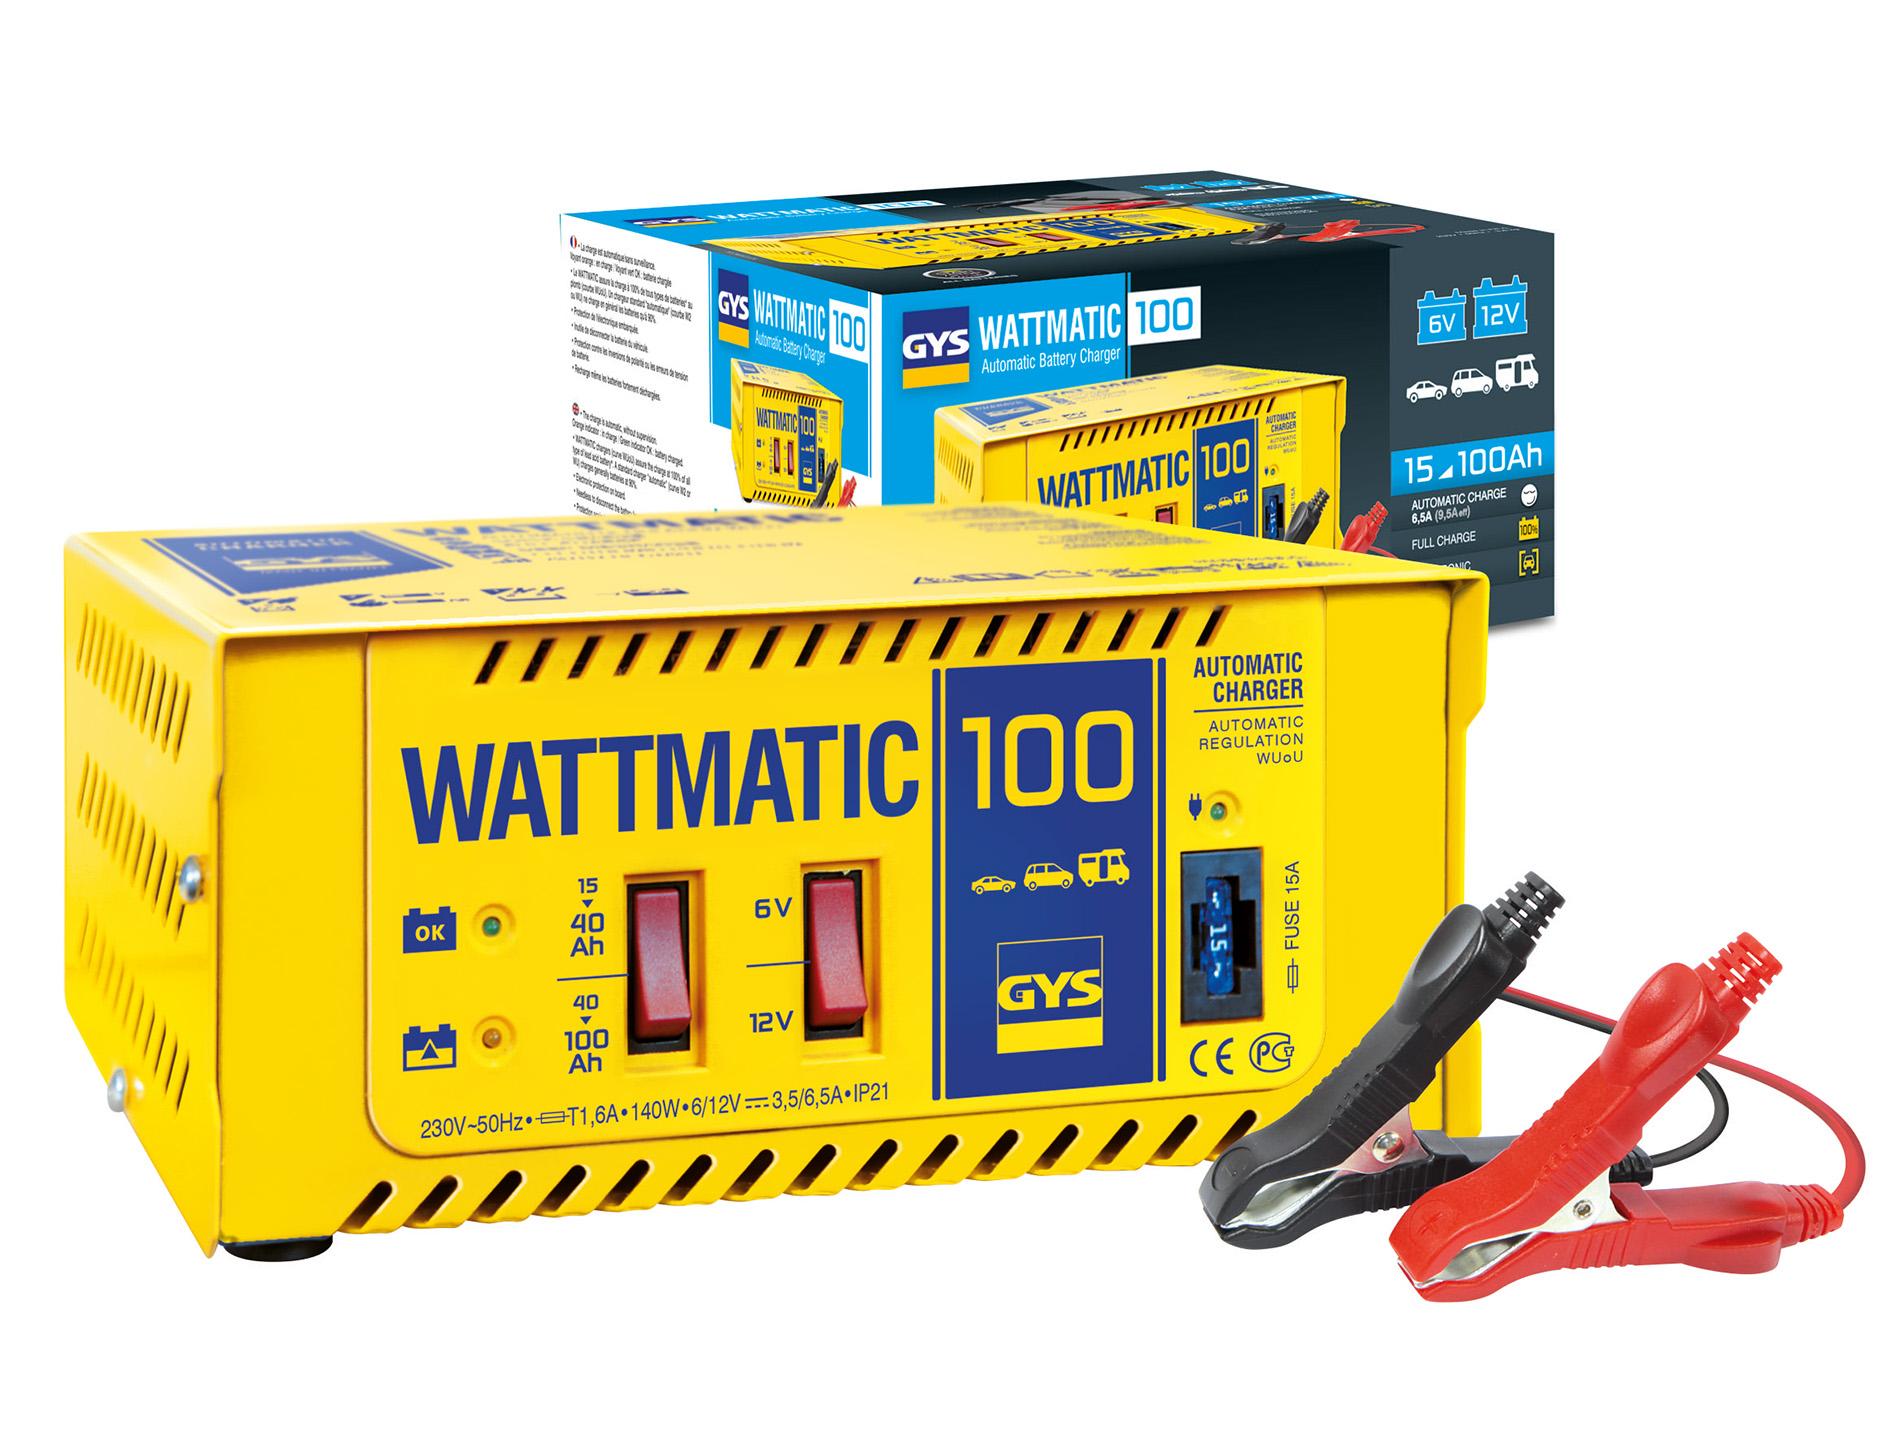 Chargeur de batterie GYS Wattmatic 140